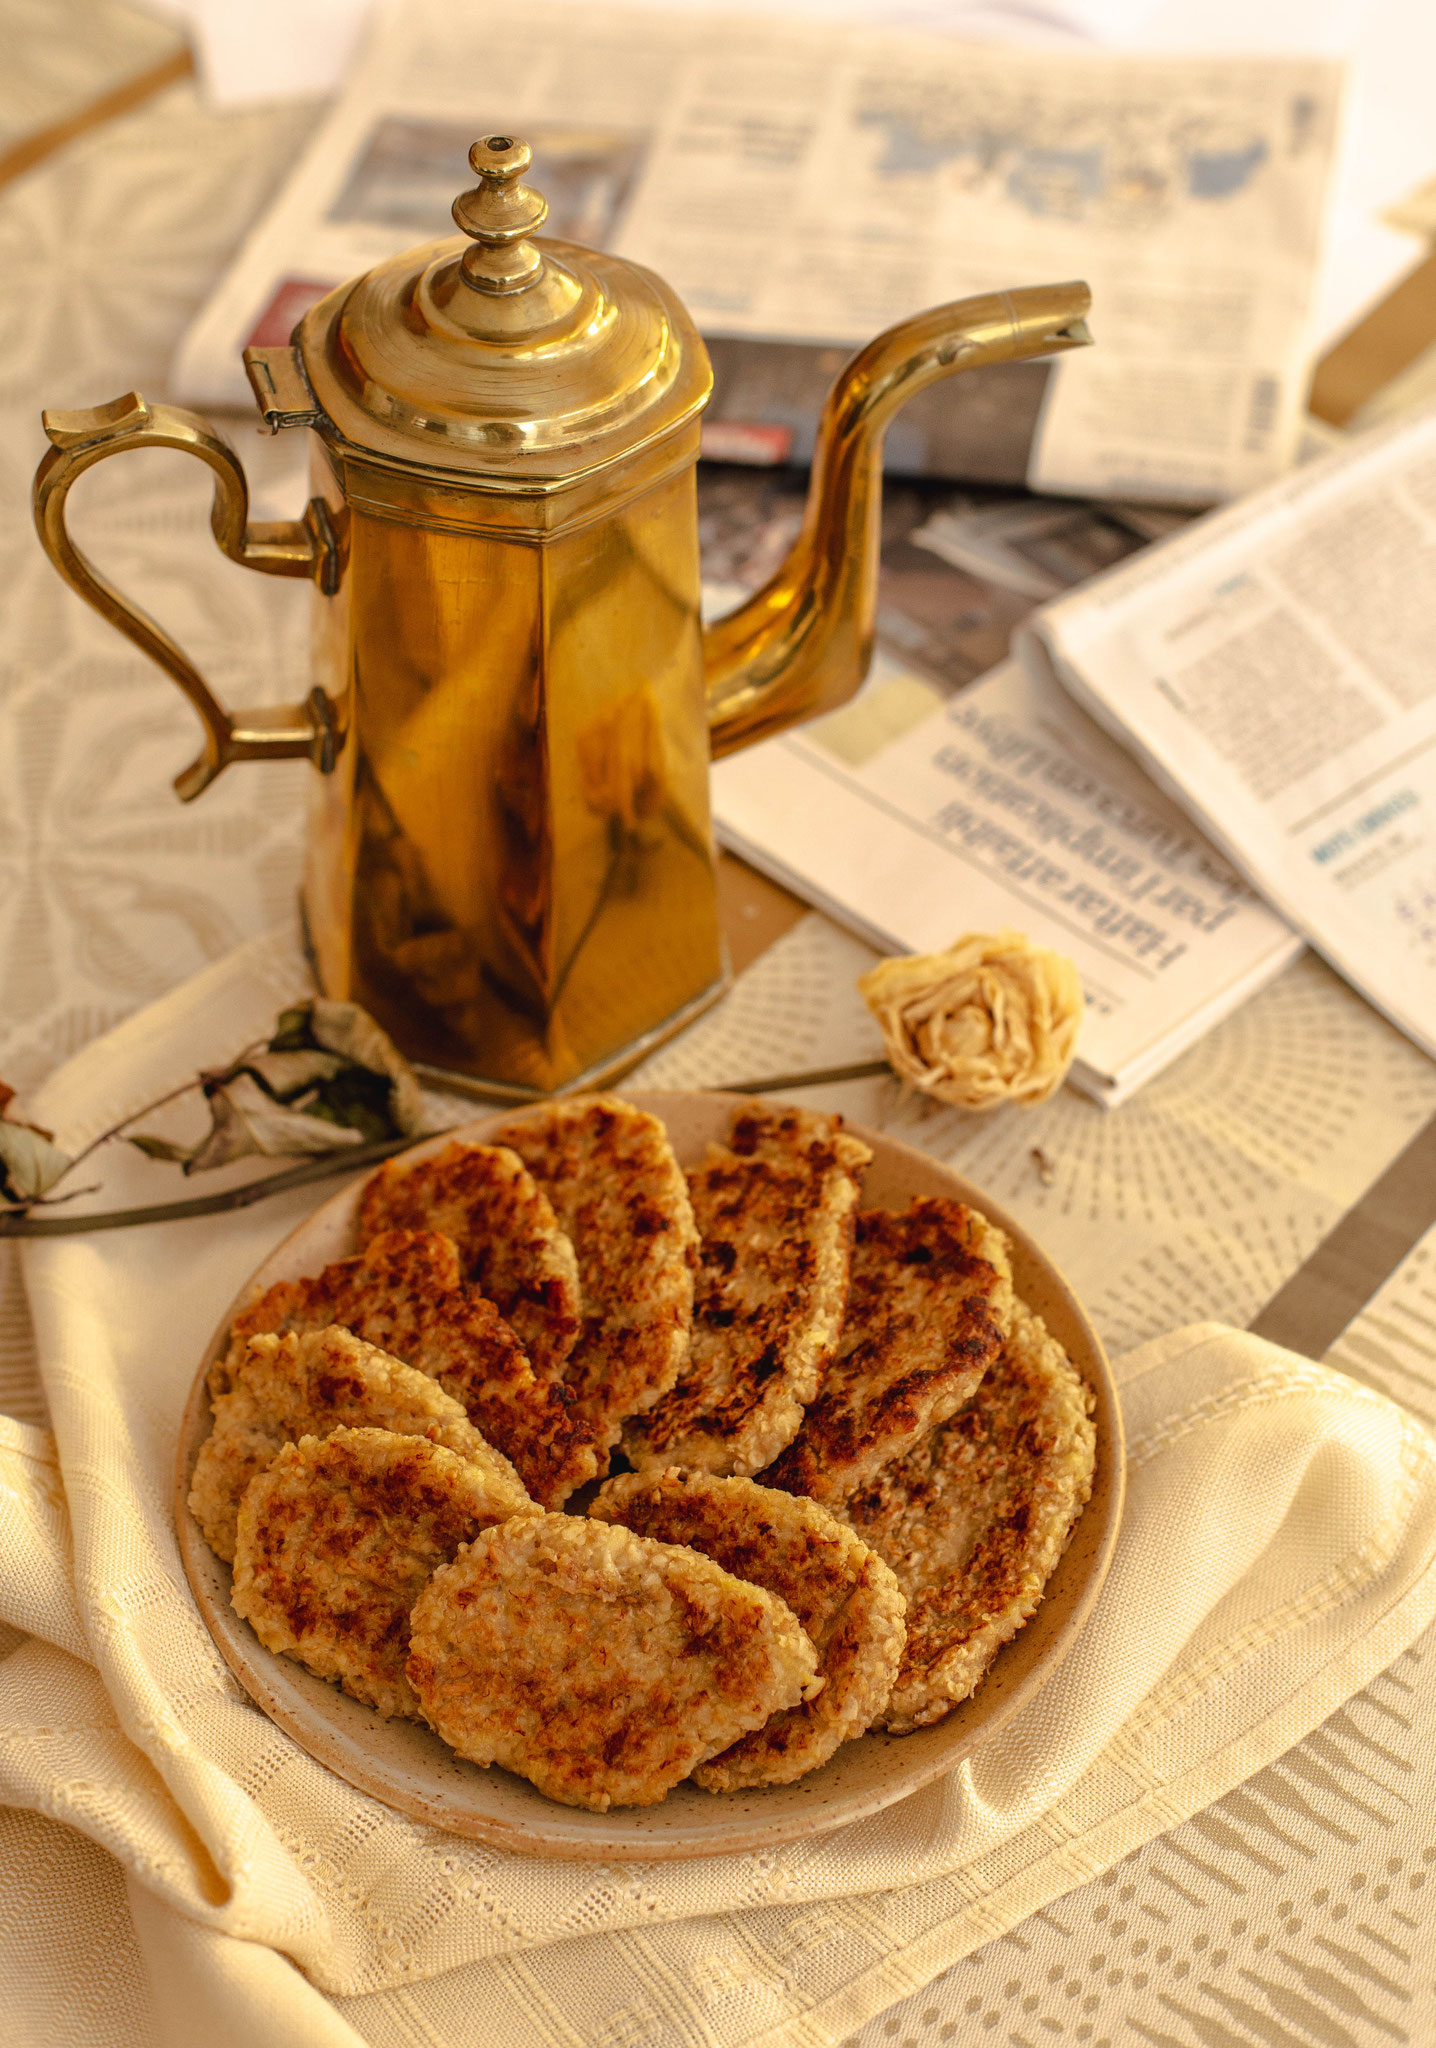 Banana Pancakes - for @Thebeardben